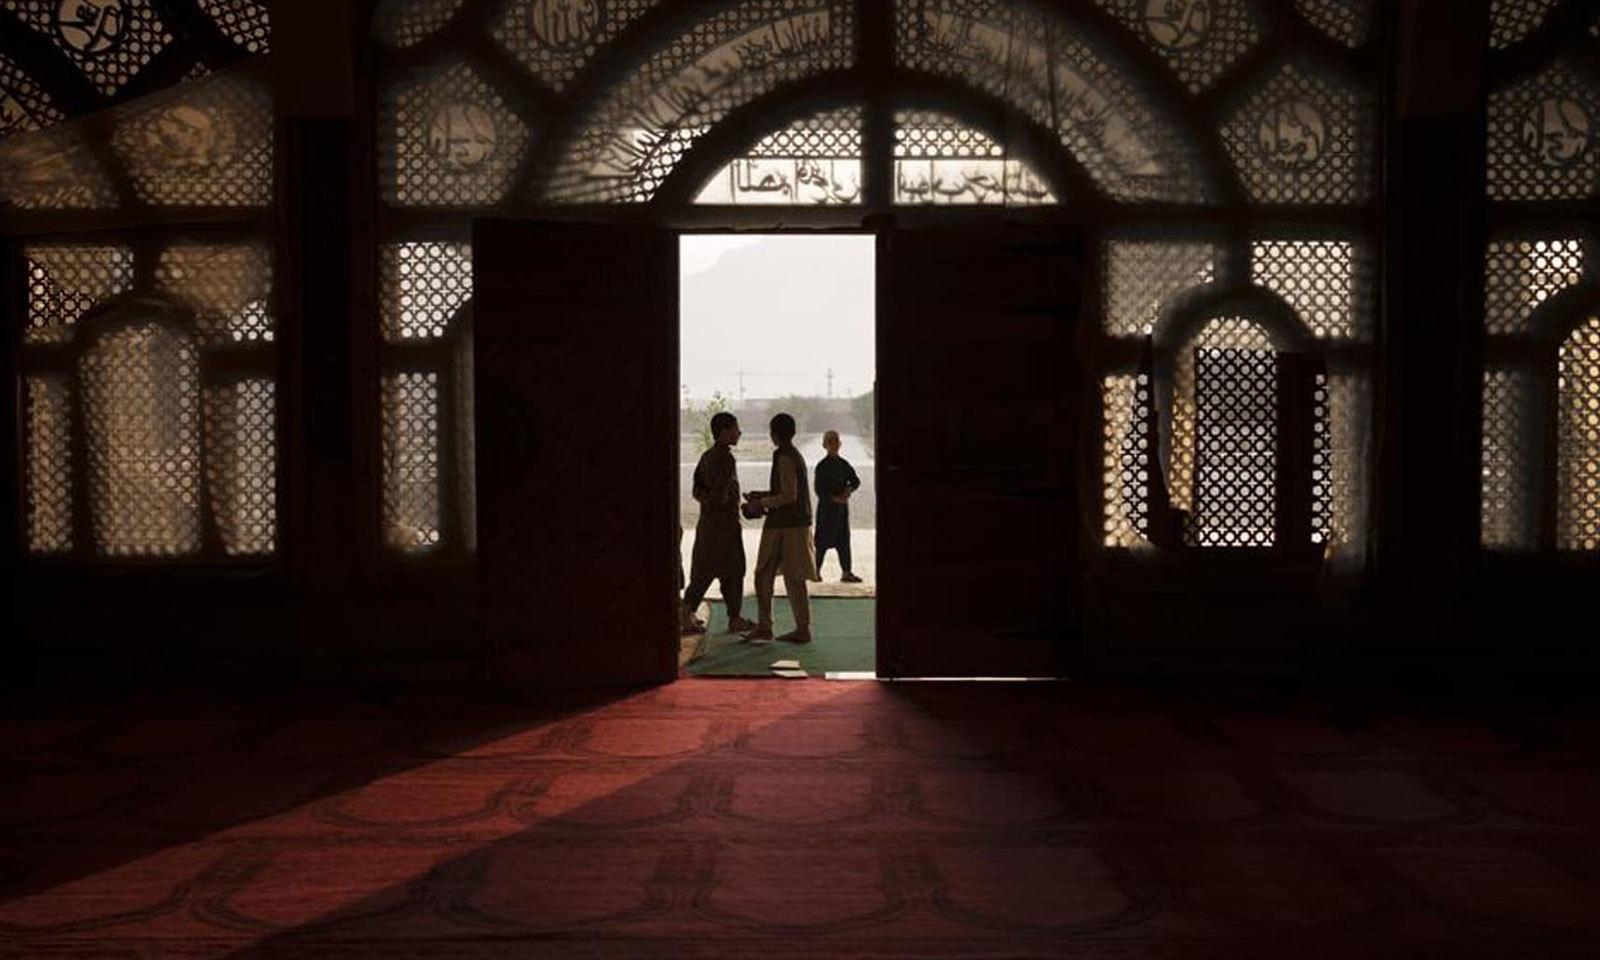 طلبا مدرسے کے داخلی دروازے پر موجود ہیں — فوٹو: اے پی